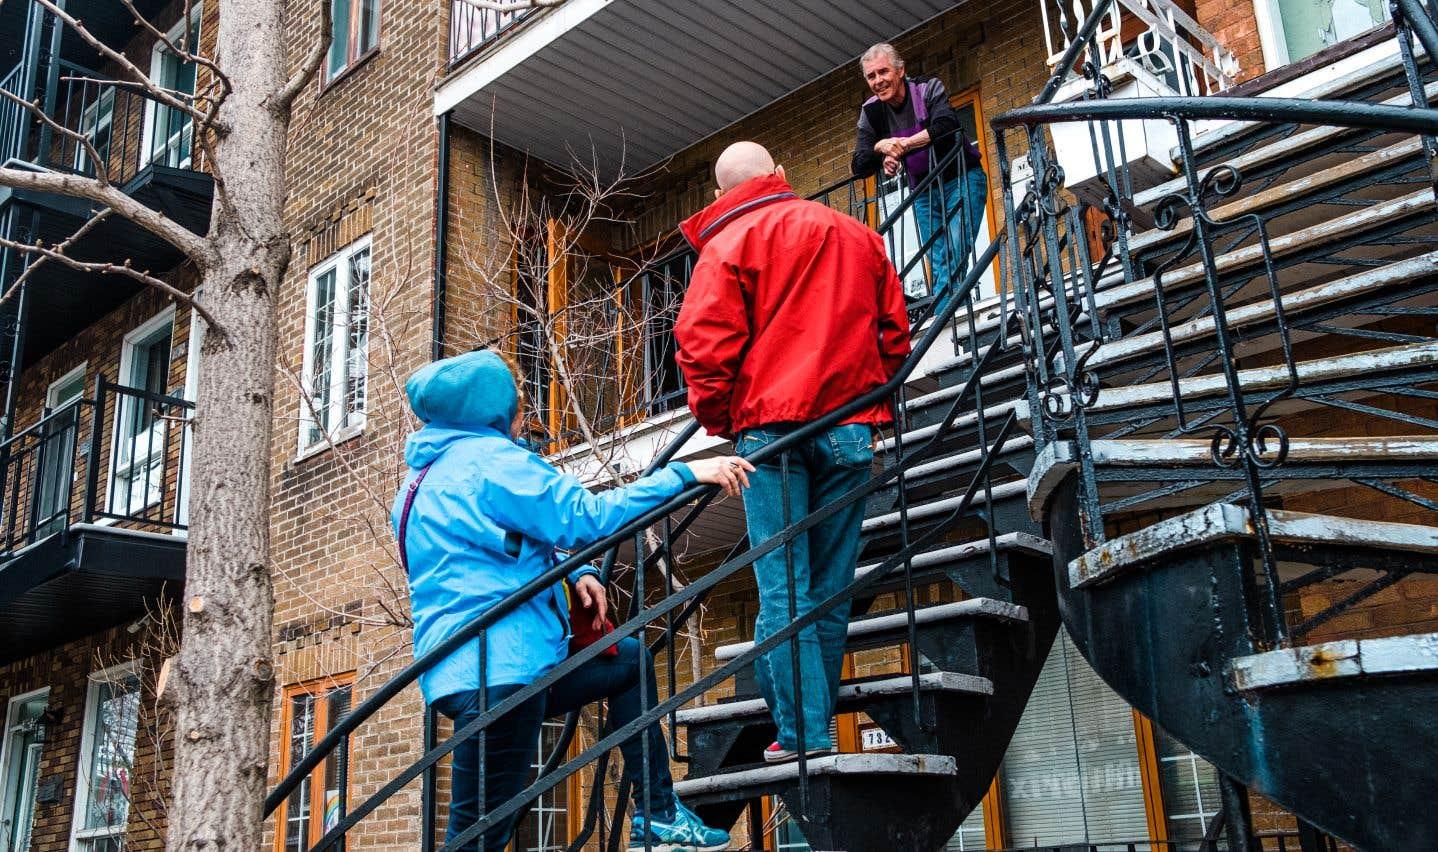 Des résidents du quartier Limoilou profitent de la première journée de déconfinement pour se retrouver après des semaines d'isolement.